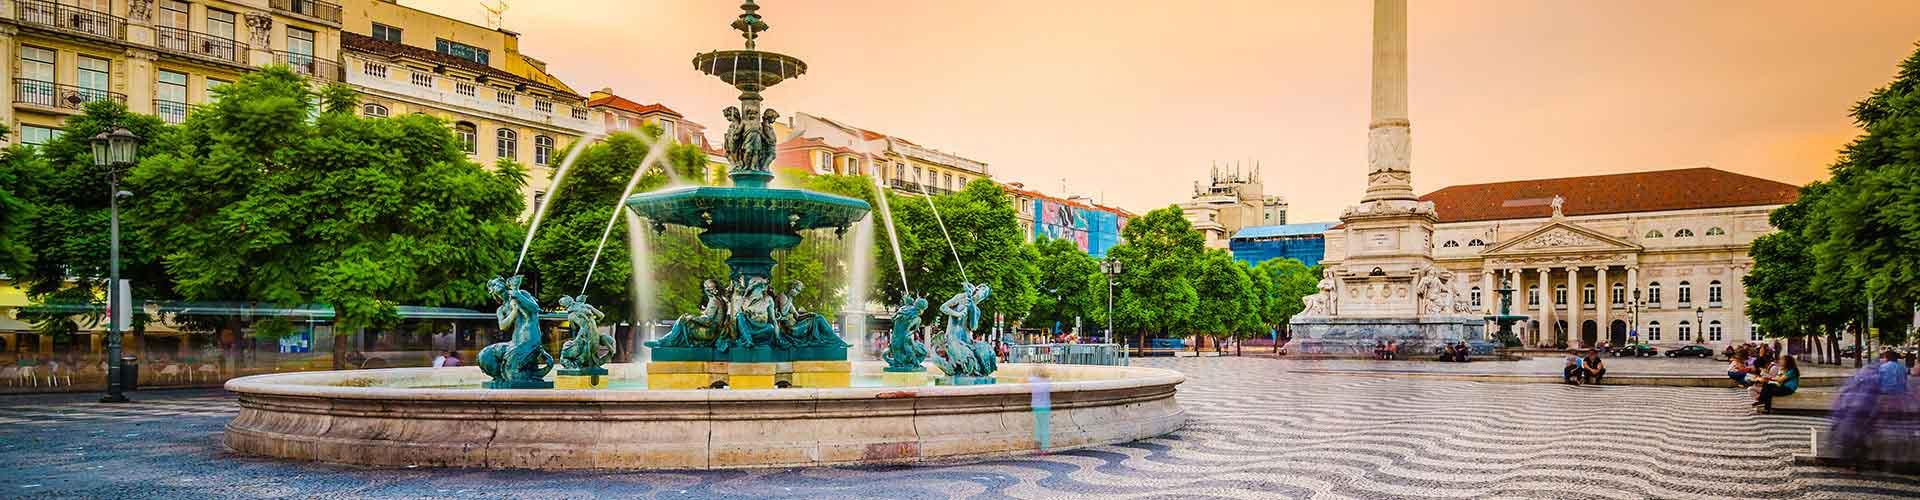 Lisbonne - Camping dans le quartier de Baixa. Cartes pour Lisbonne, photos et commentaires pour chaque camping à Lisbonne.